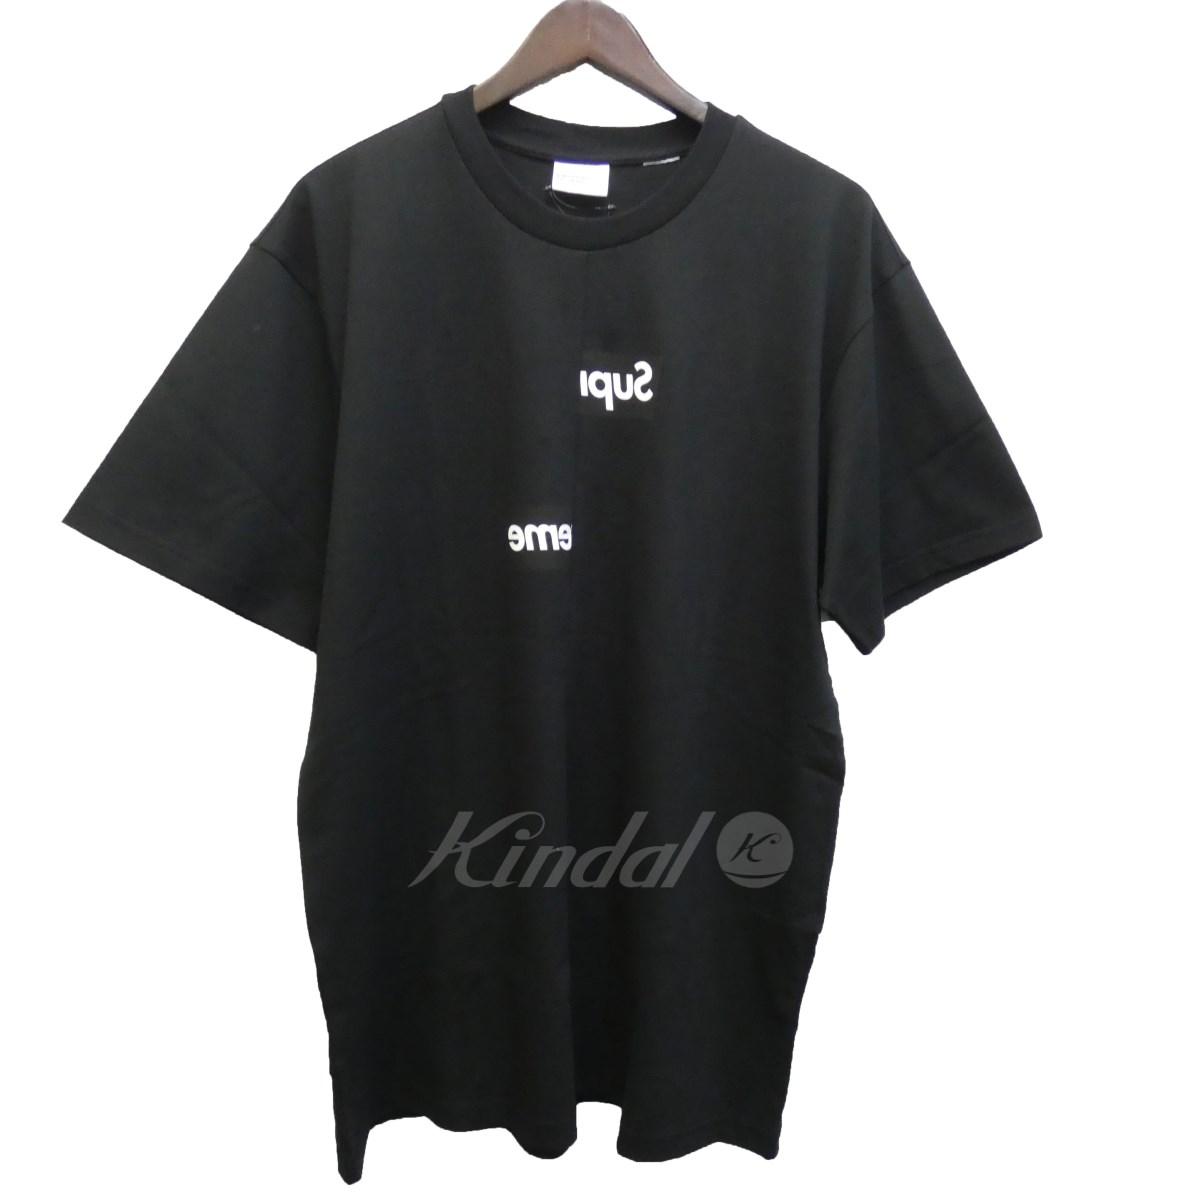 【中古】SUPREME×CdG SHIRT 18AW「Split Box Logo Tee」スプリットBoxロゴTシャツ ブラック サイズ:L 【送料無料】 【061018】(シュプリーム コムデギャルソンシャツ), 加西市:a66e8ac4 --- micim.jp